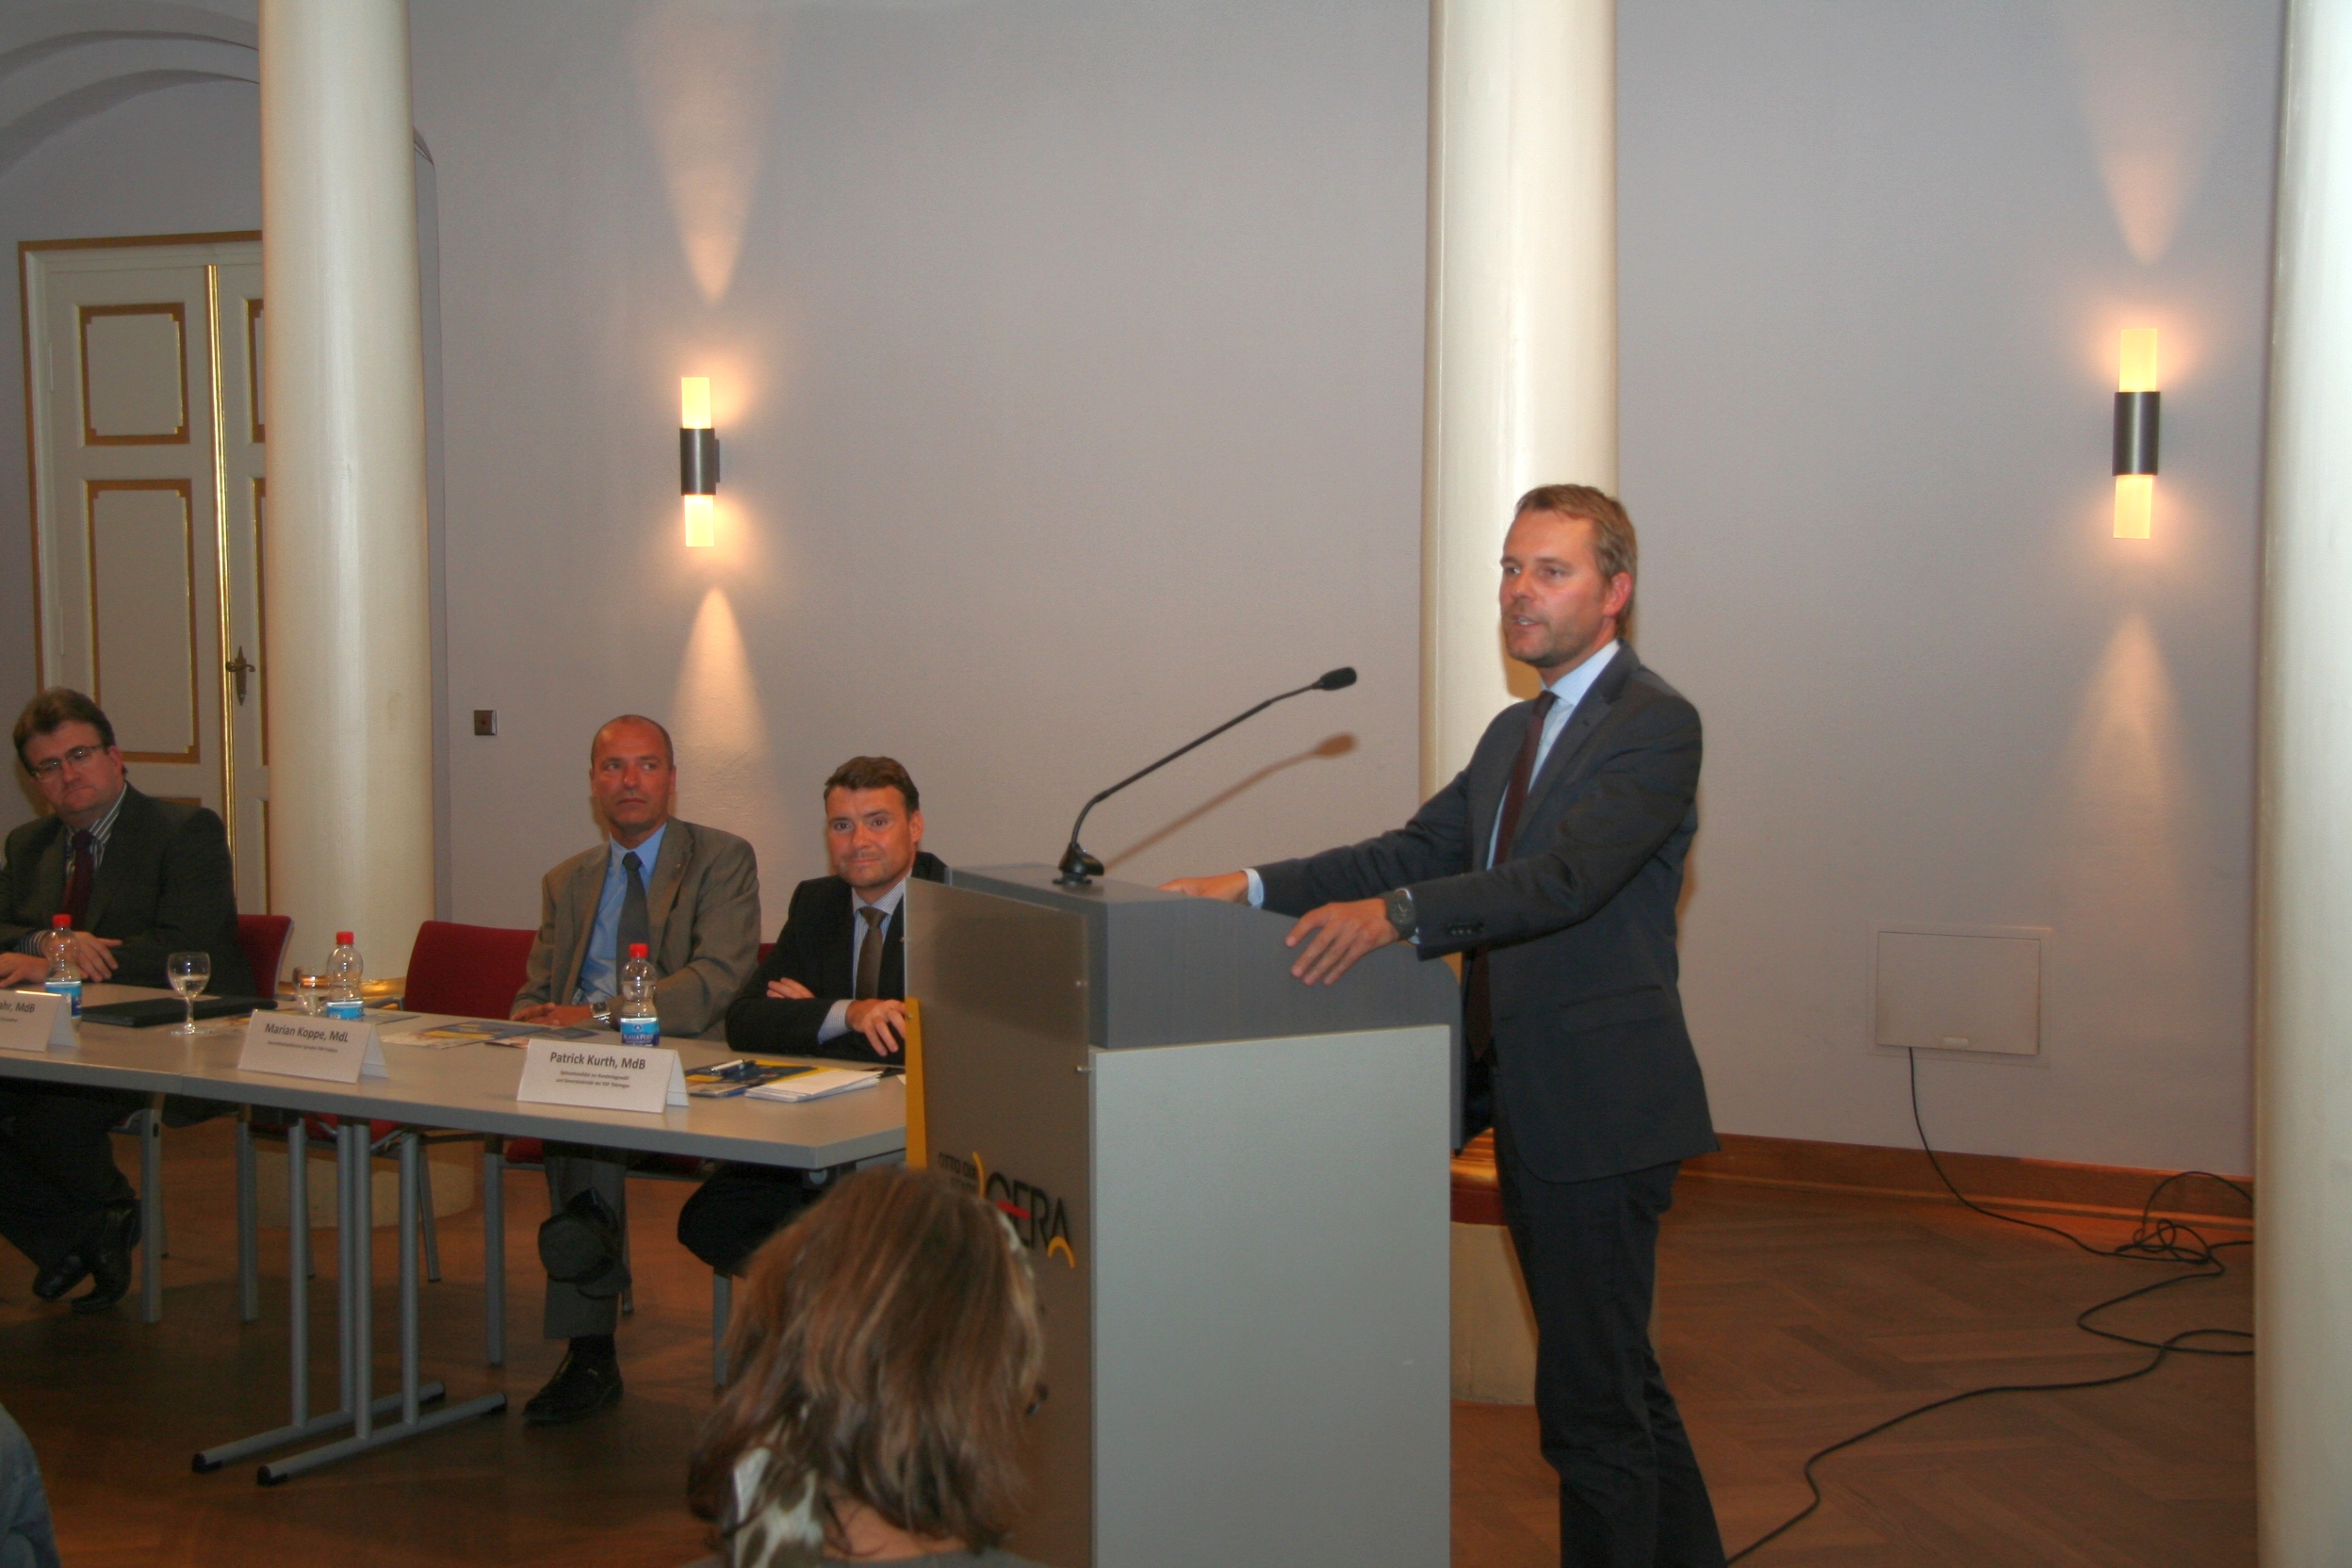 Bundesgesundheitsminister Bahr in Thüringen